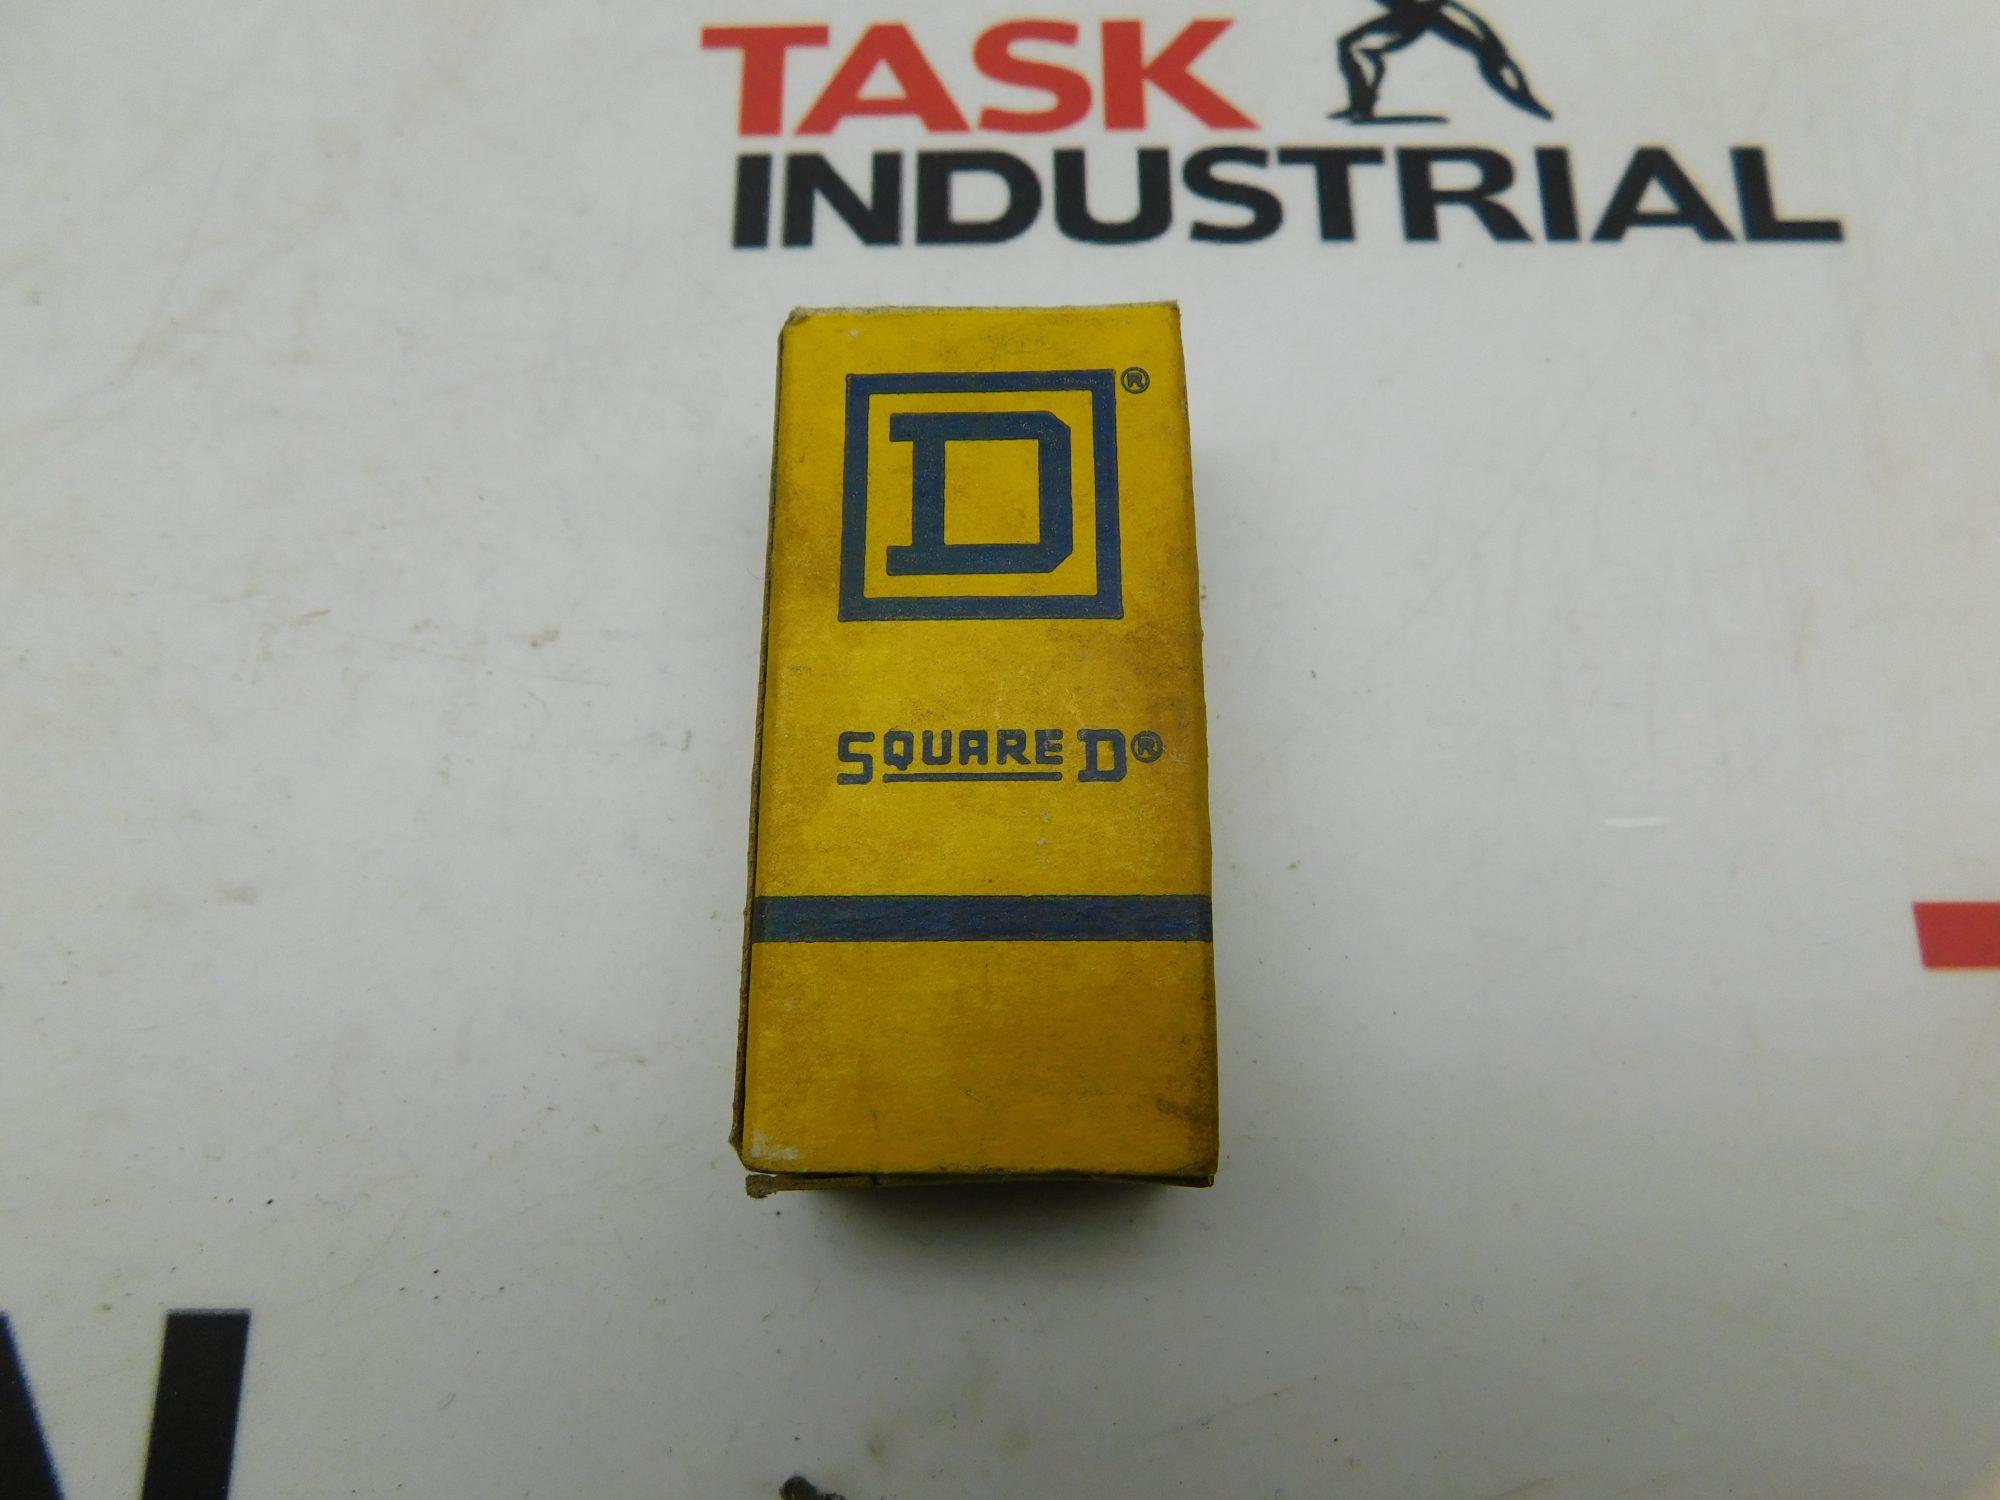 Square D 1-B4.85 Thermal Unit